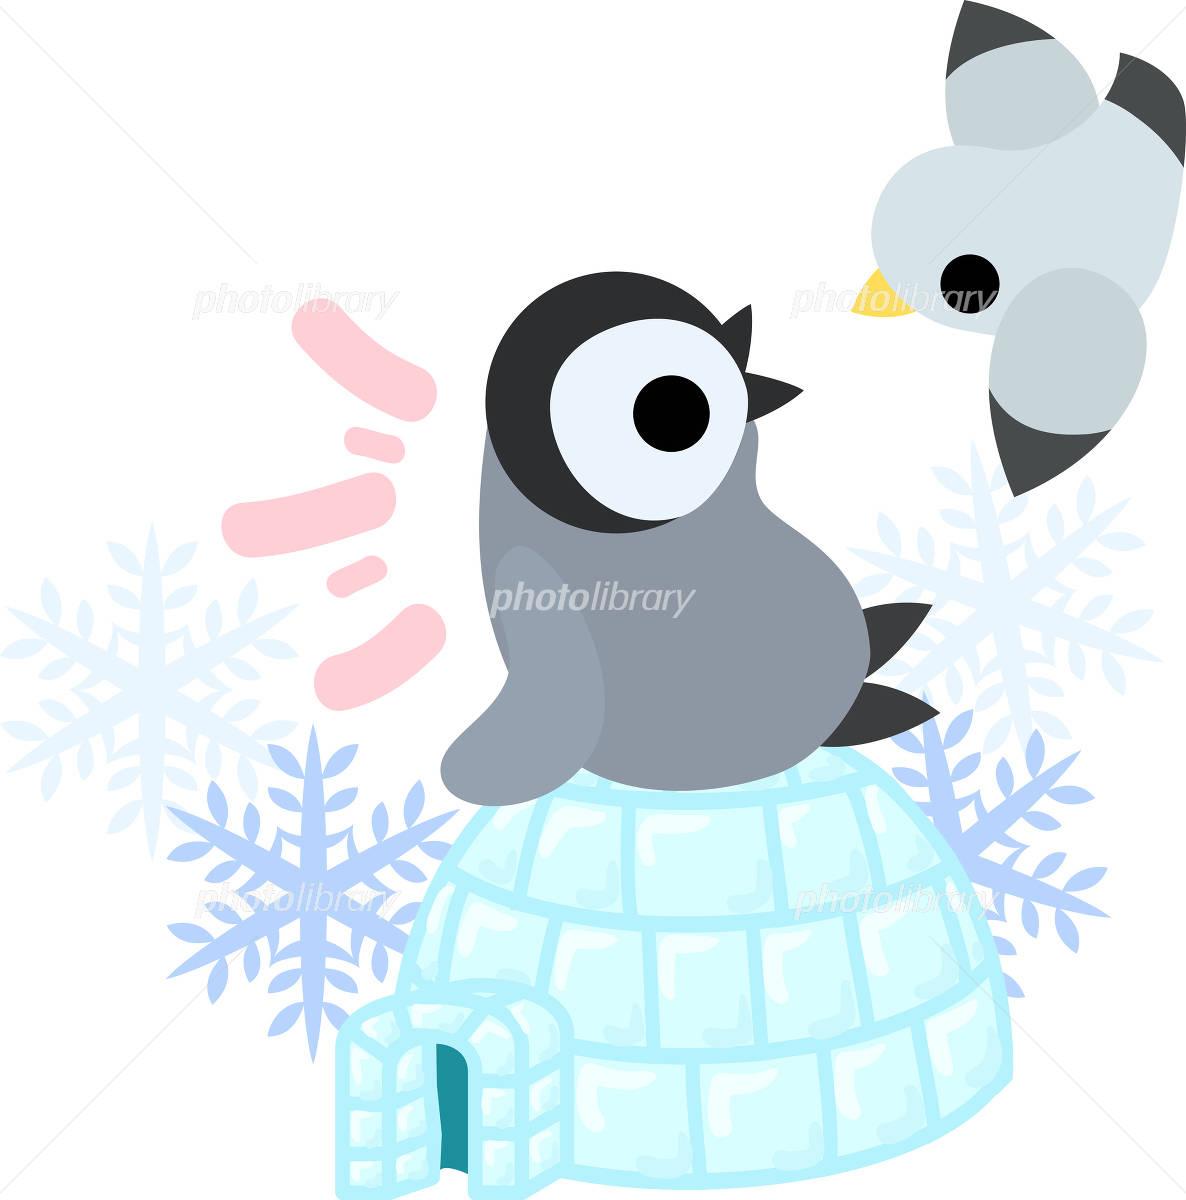 可愛い赤ちゃんペンギンのイラスト イラスト素材 4940371 フォト